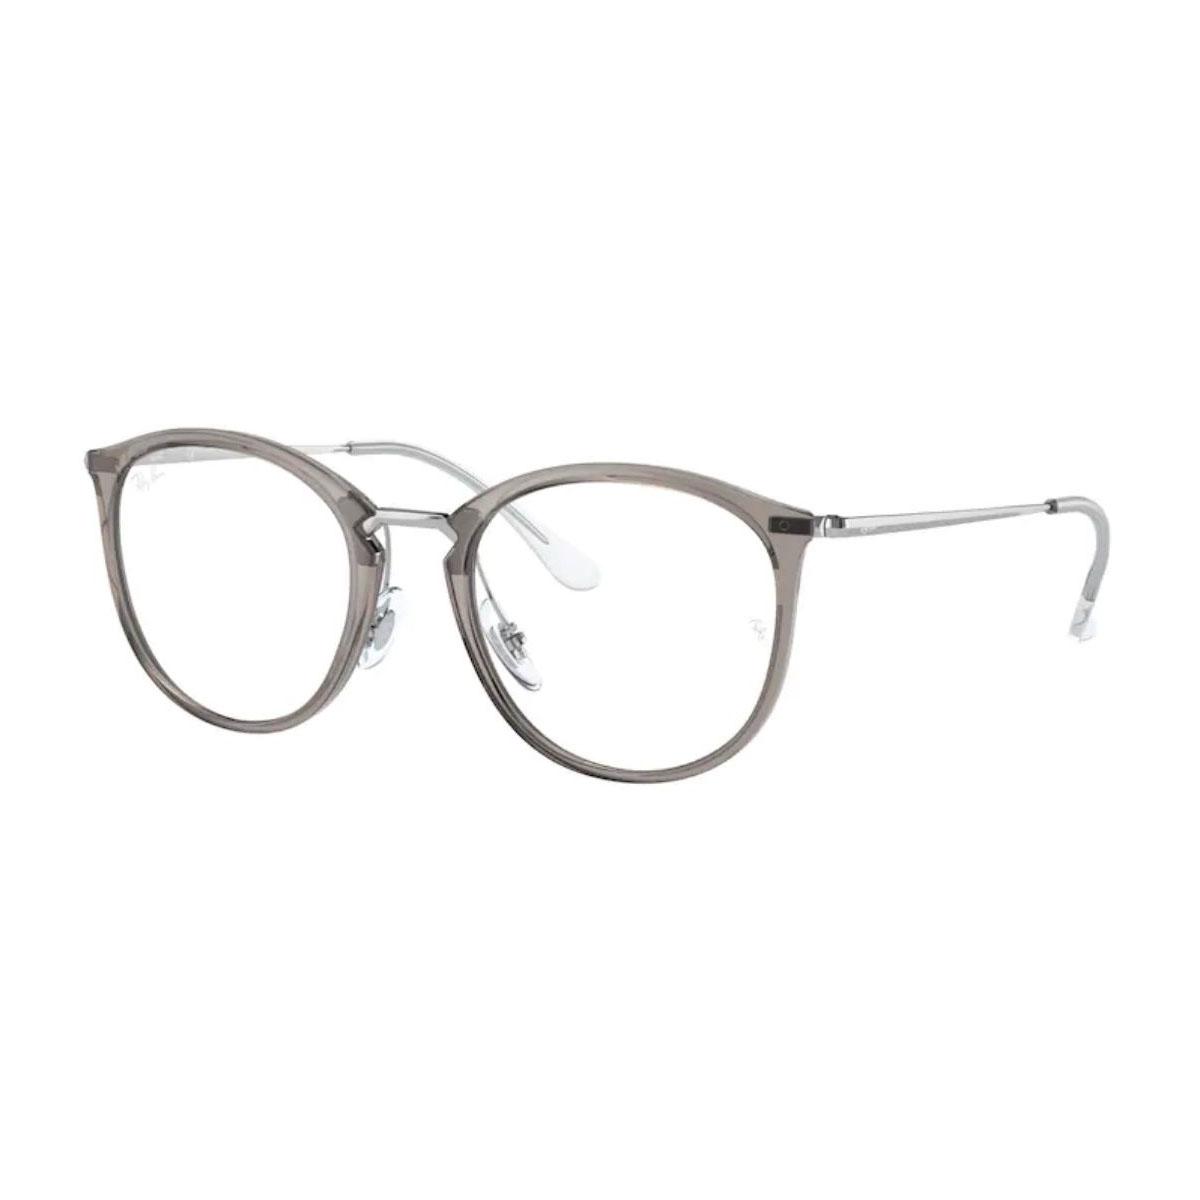 Óculos de Grau Ray Ban RX7140 Cinza Translúcido Redondo